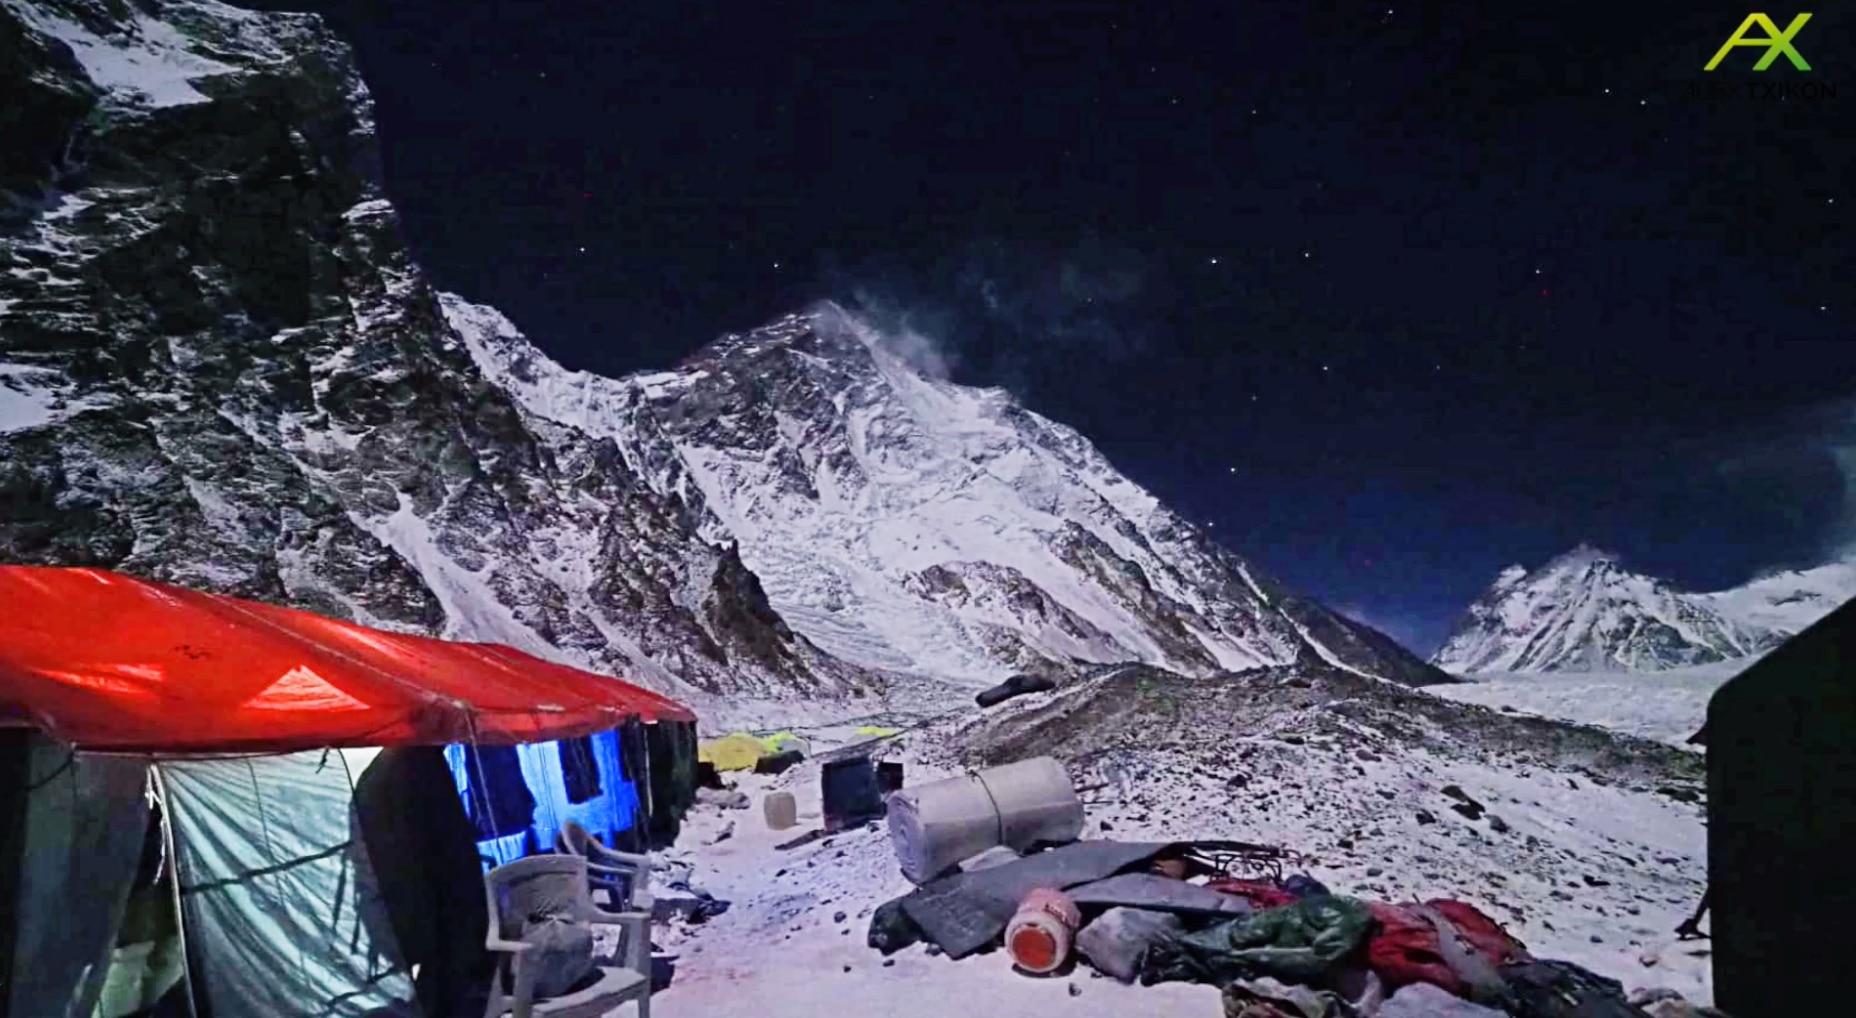 alpinismo, invernali, k2, k2 invernale